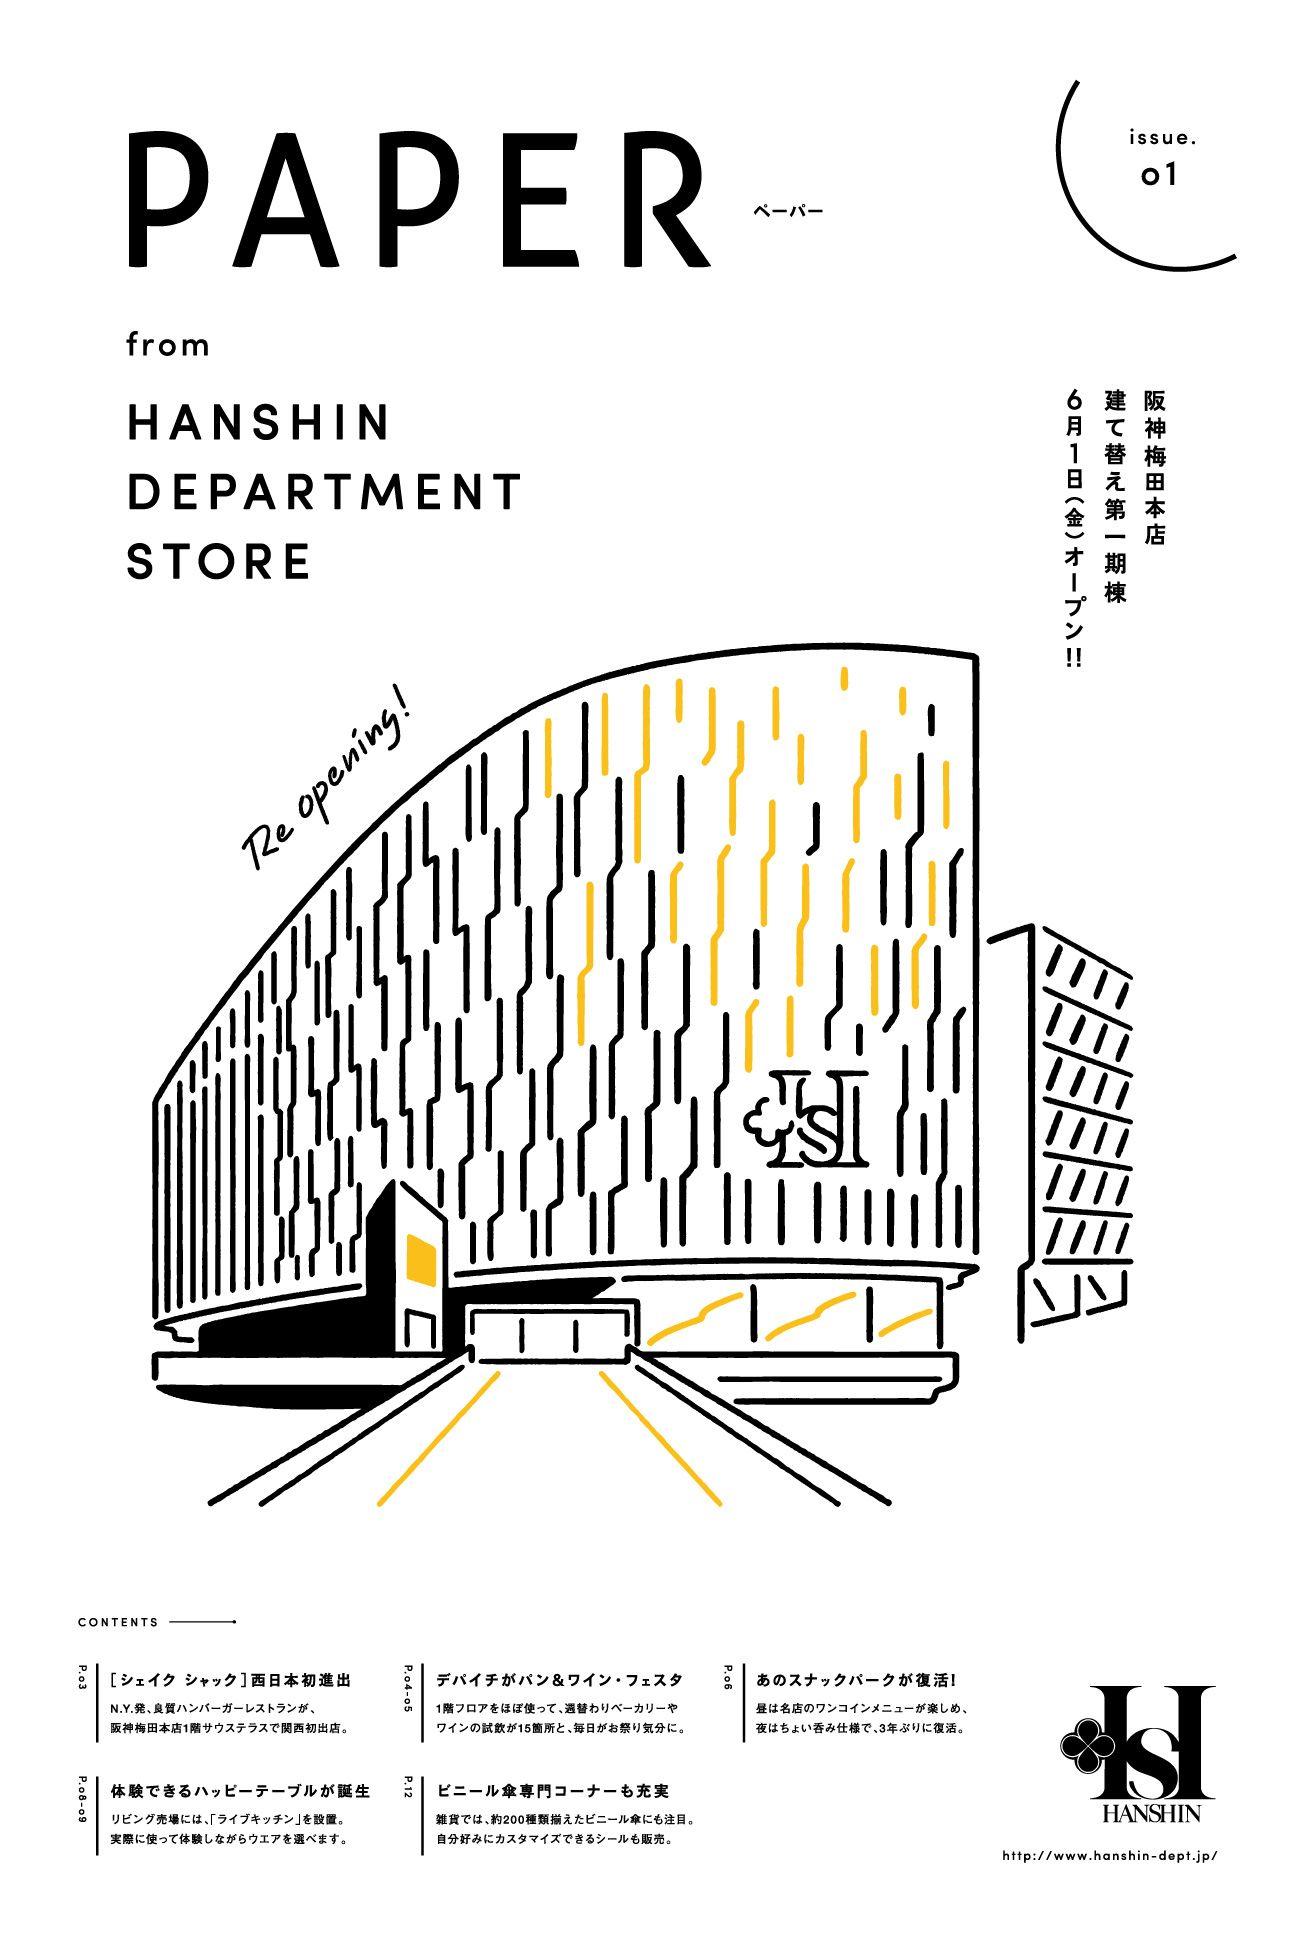 Paper Issue 01 阪神百貨店 グラフィックデザインのポスター 日本